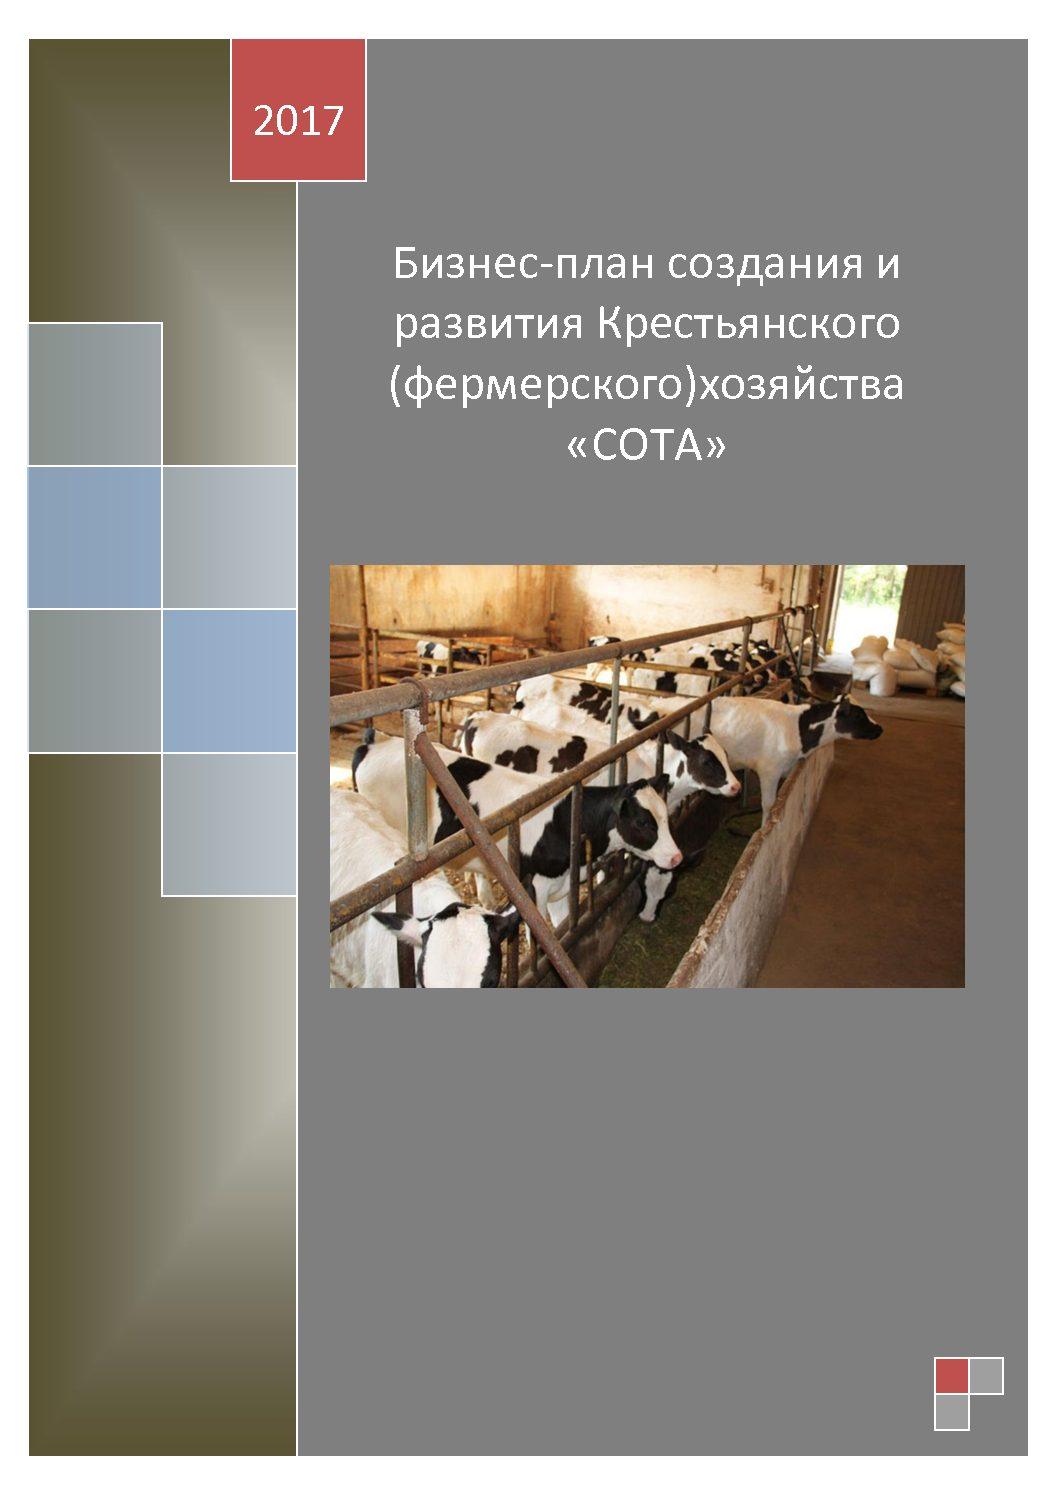 Бизнес-план создания и развития Крестьянского (фермерского)хозяйства «СОТА»